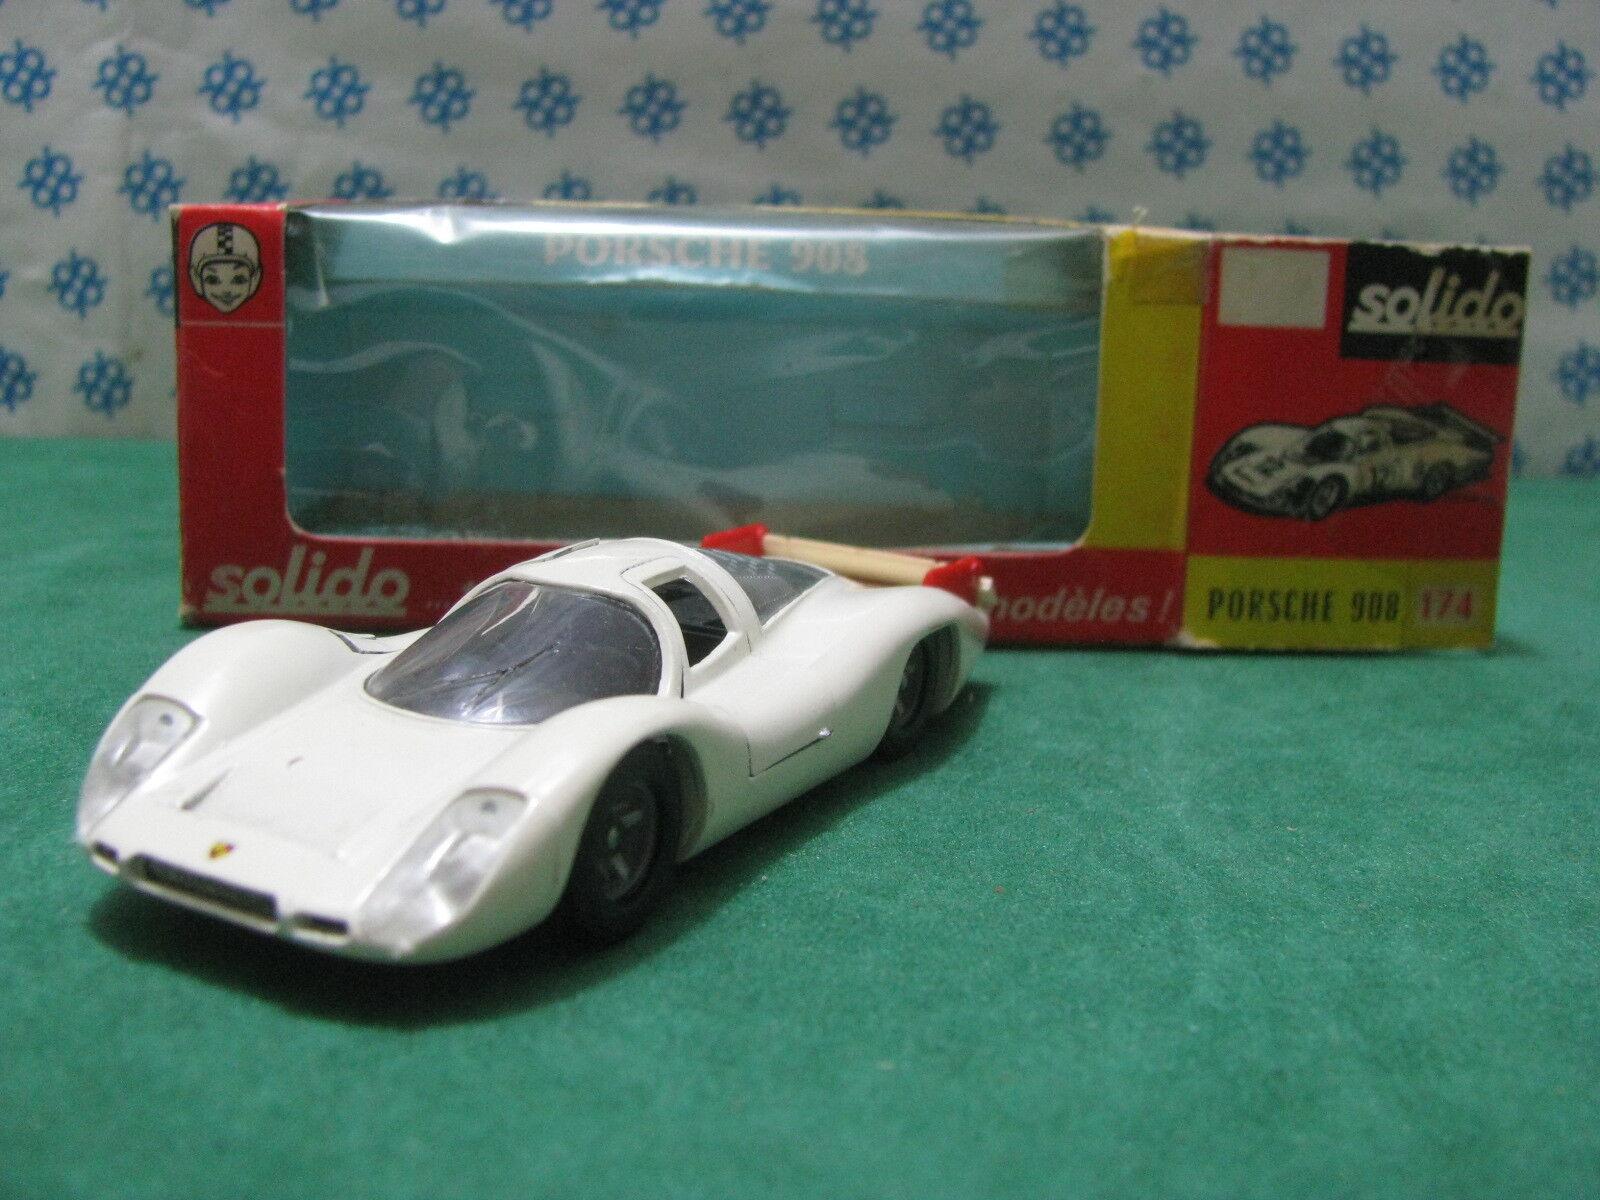 Vintage - PORSCHE 908 tail long Le Mans 1969 - 1 43 Solido n°174